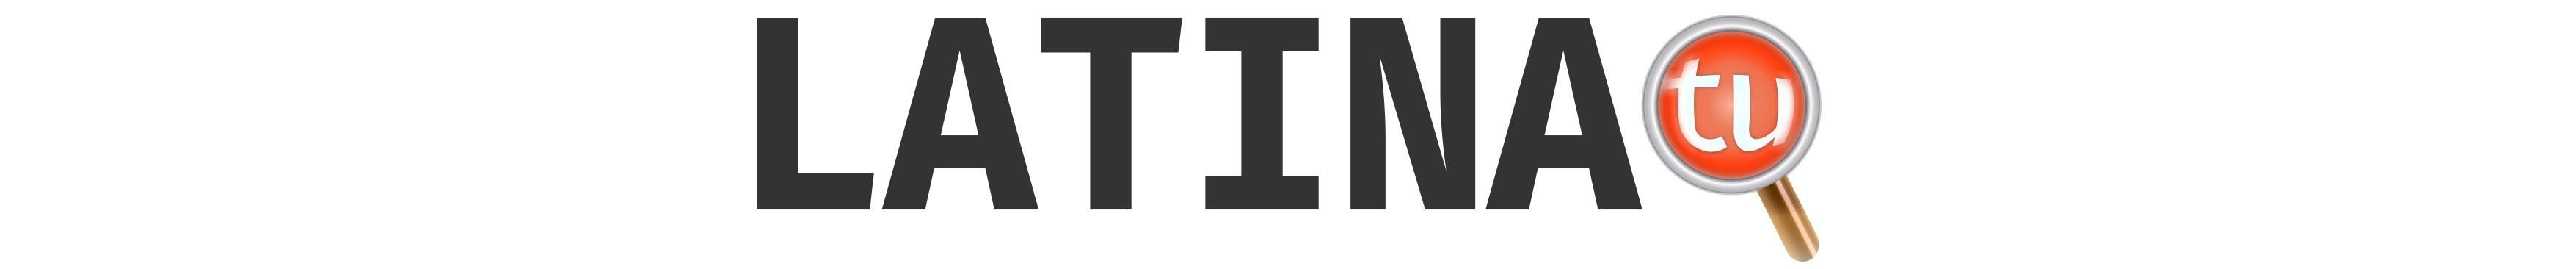 LatinaTu (banner)